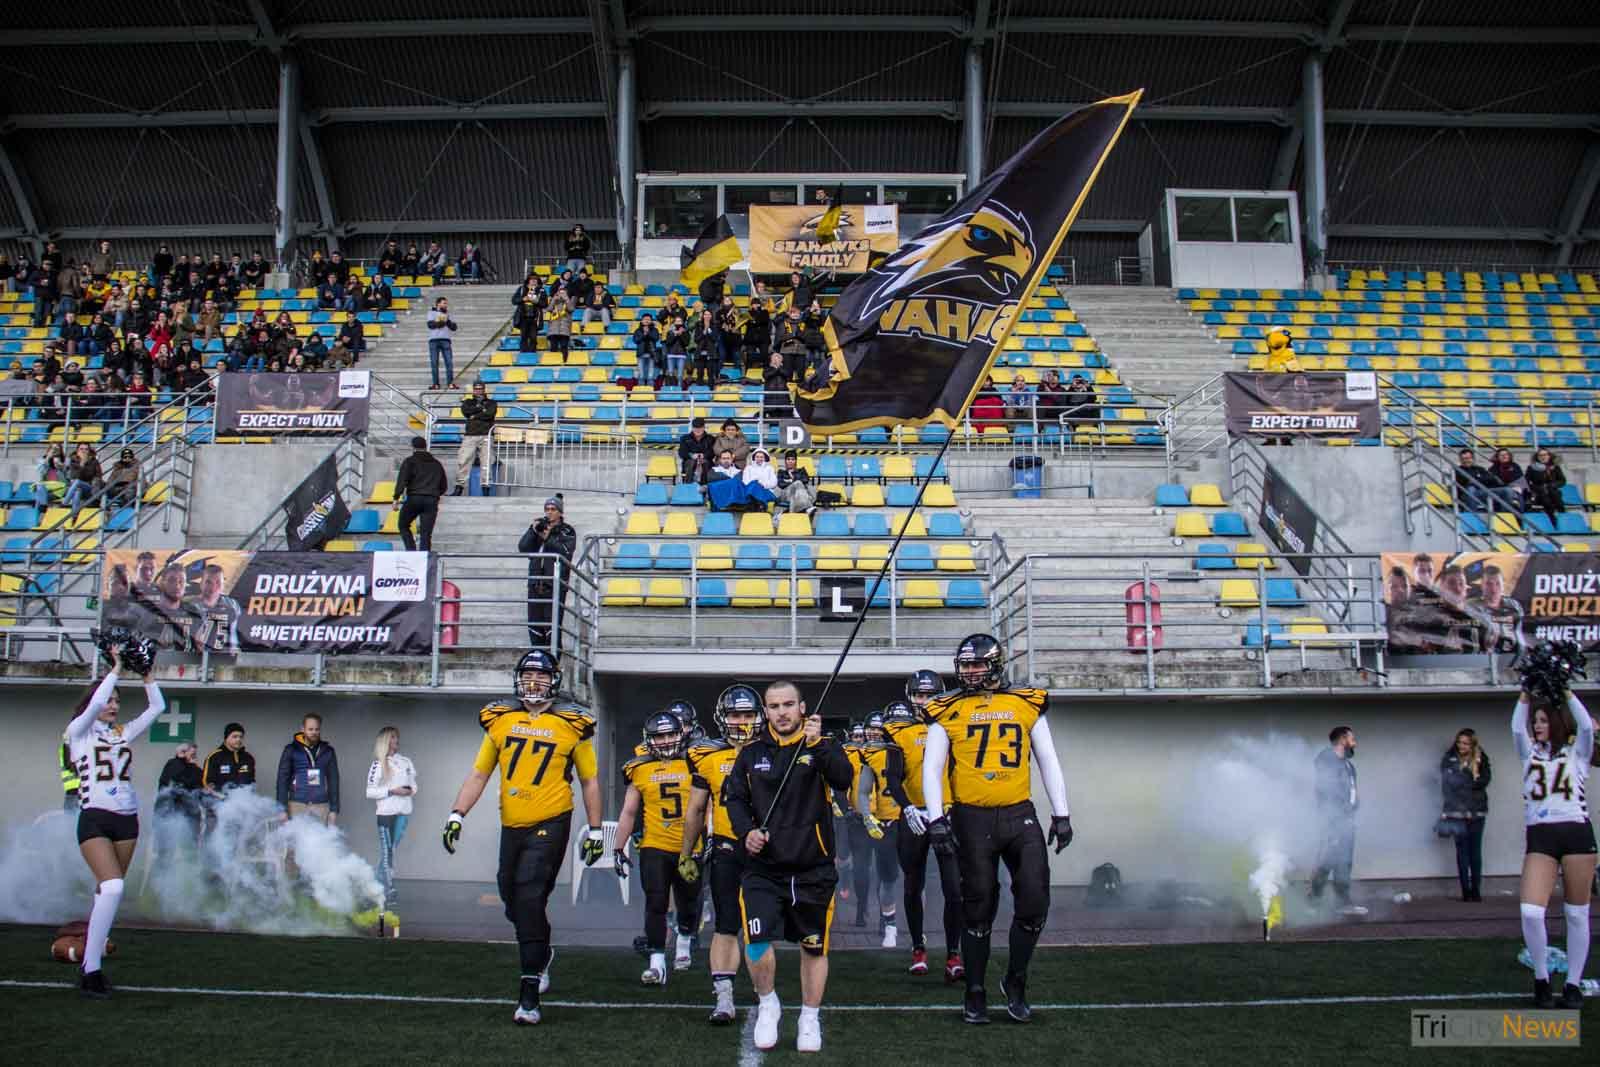 Seahawks Gdynia- Wroclaw Outlaws, photo Jakub Woźniak/Tricity News